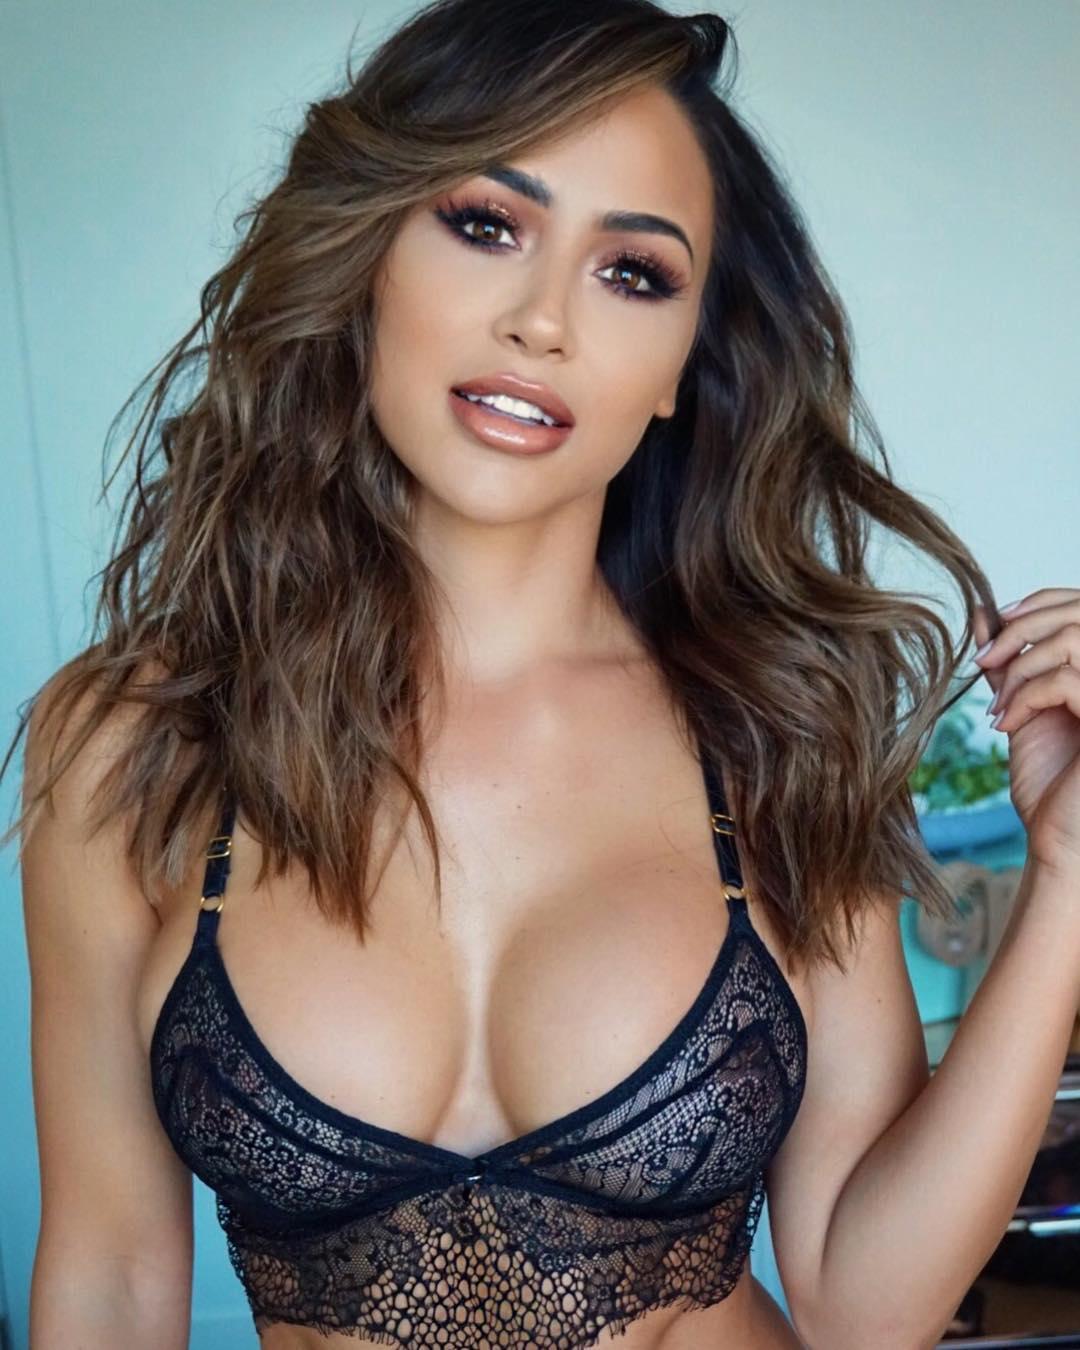 mallu girl nude pussy